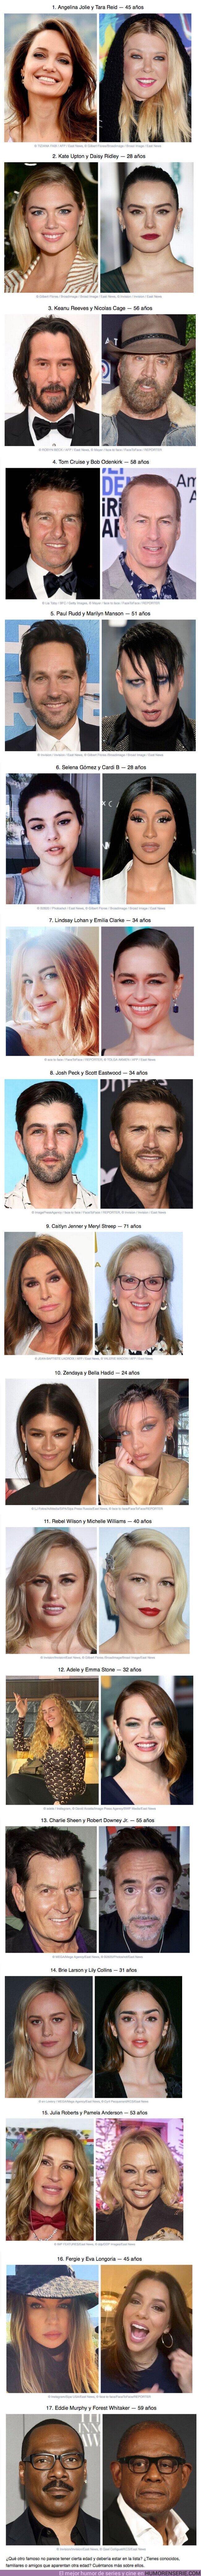 61604 - GALERÍA: 17 Pares de famosos que comparten la misma edad, aunque cueste creerlo